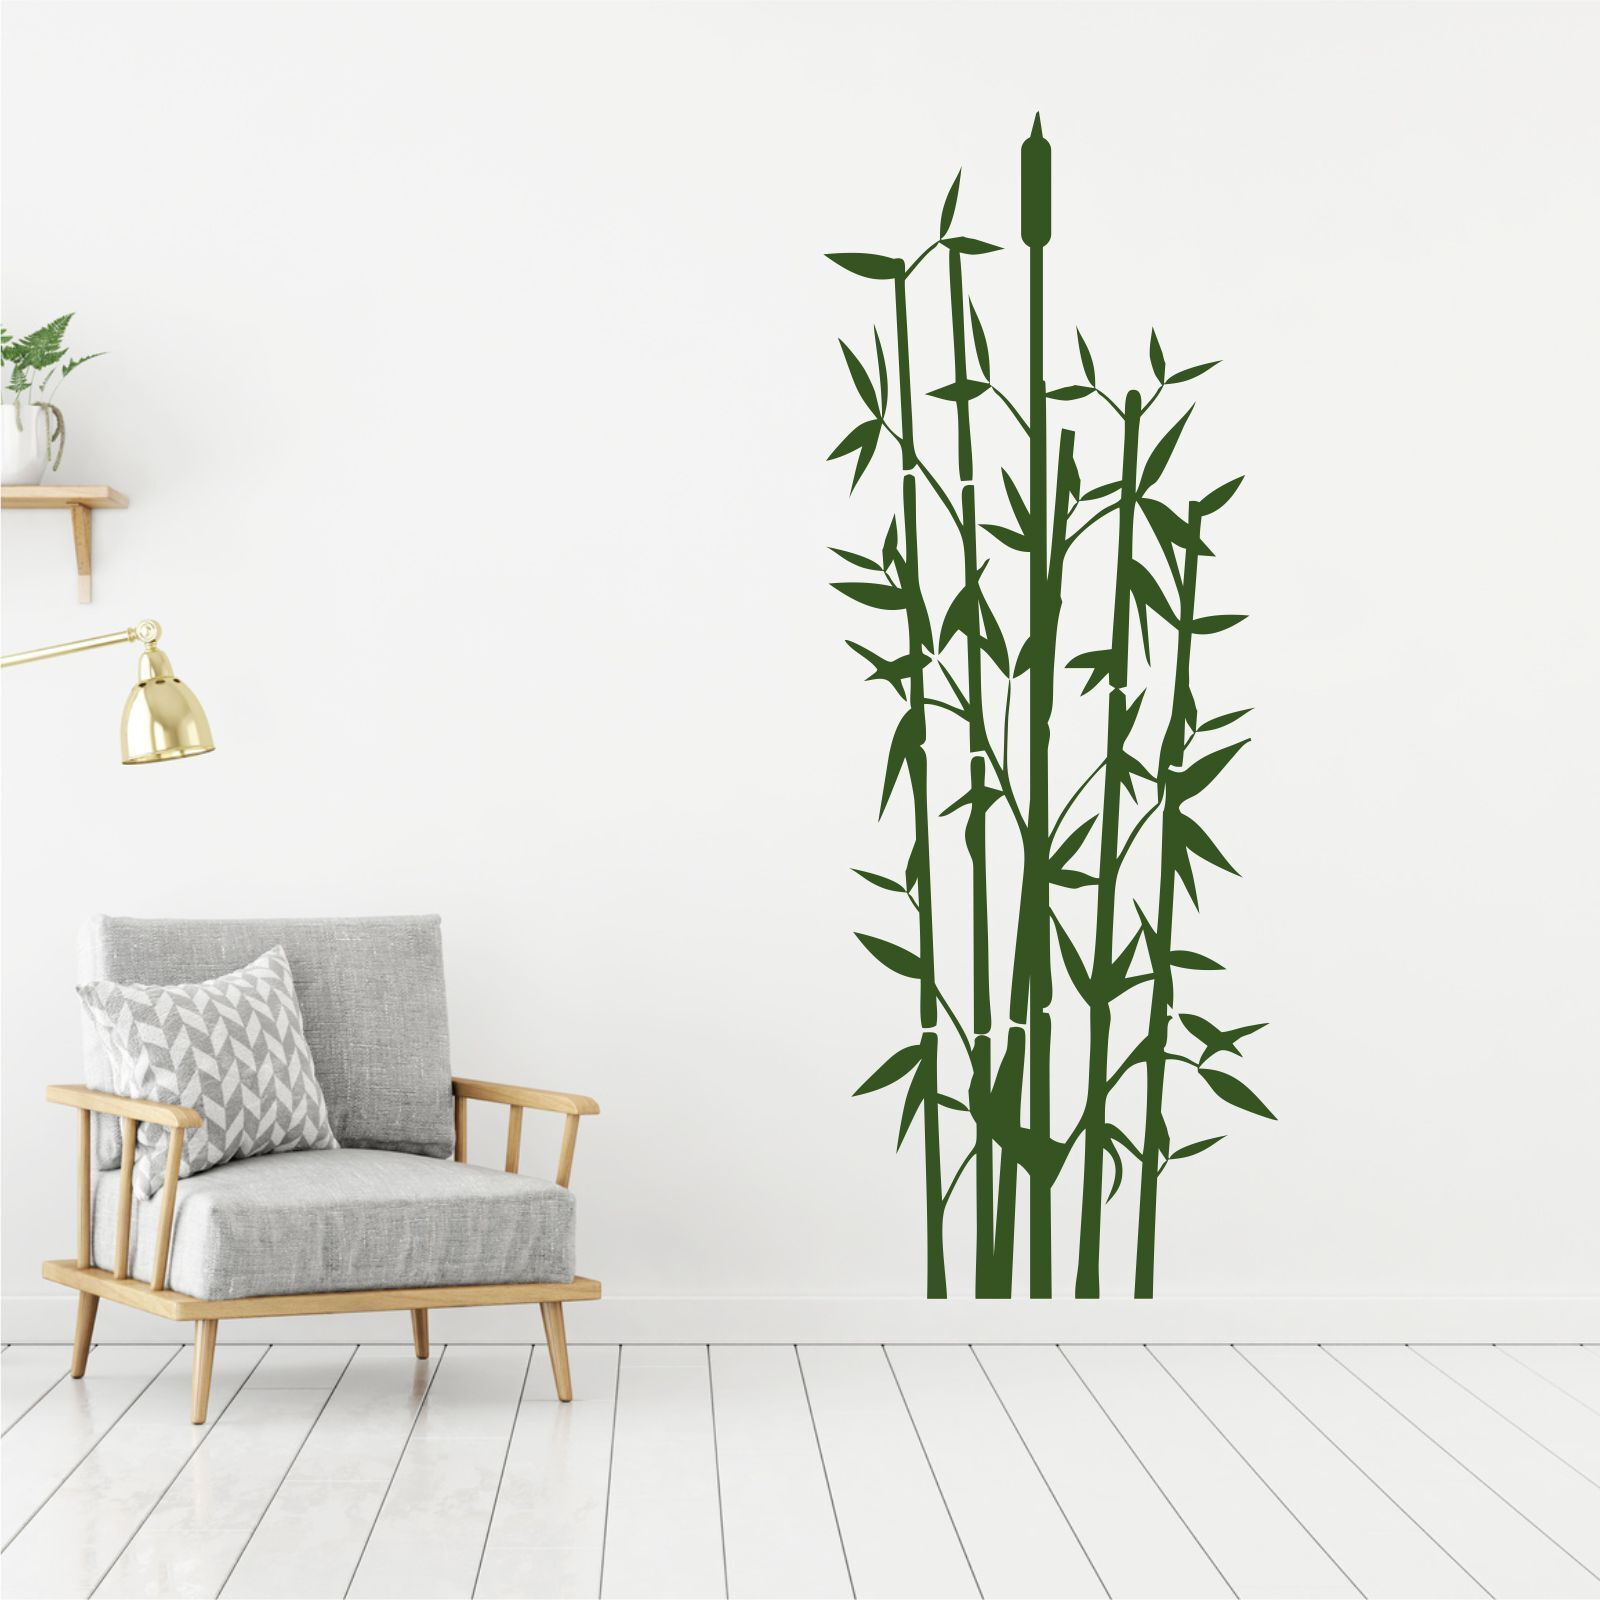 Wandtattoo wandsticker wandaufkleber flur badezimmer bambus gras wt024 ebay - Wandtattoo flur treppenhaus ...